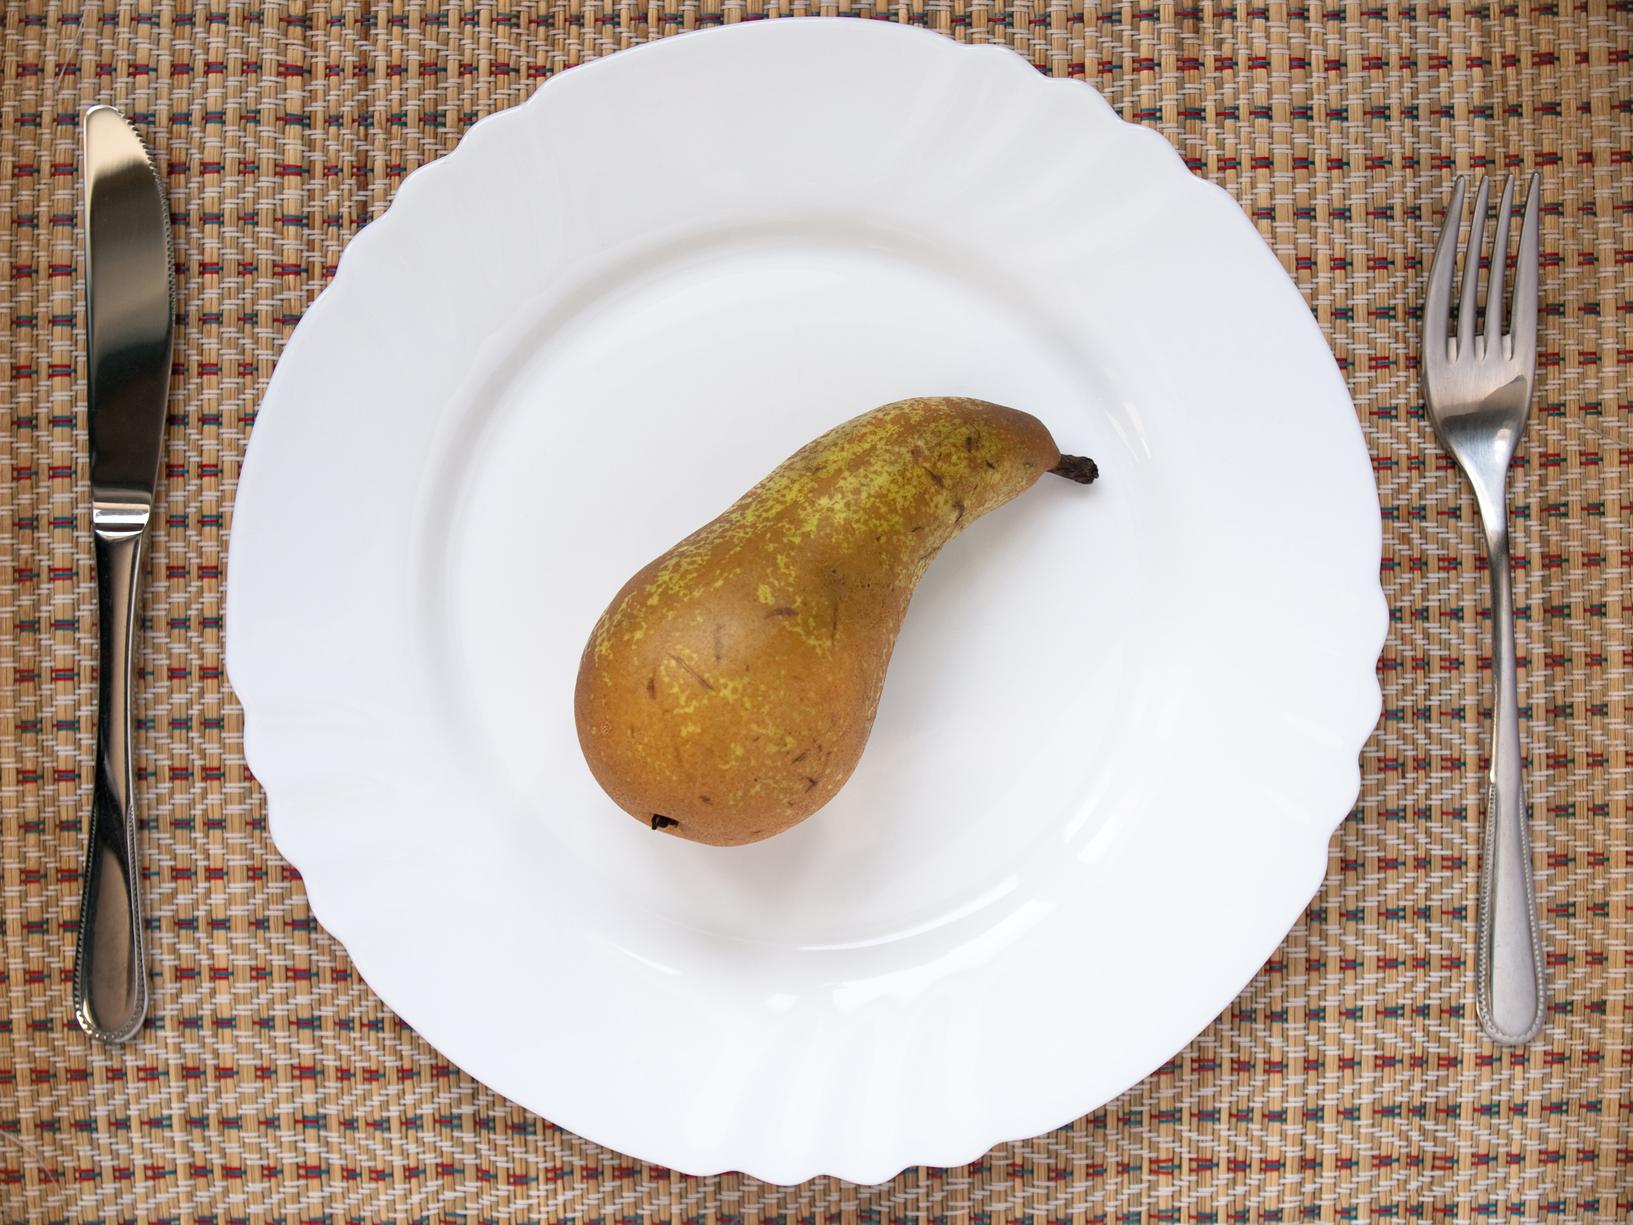 Как ускорить метаболизм, чтобы похудеть: 4 способа